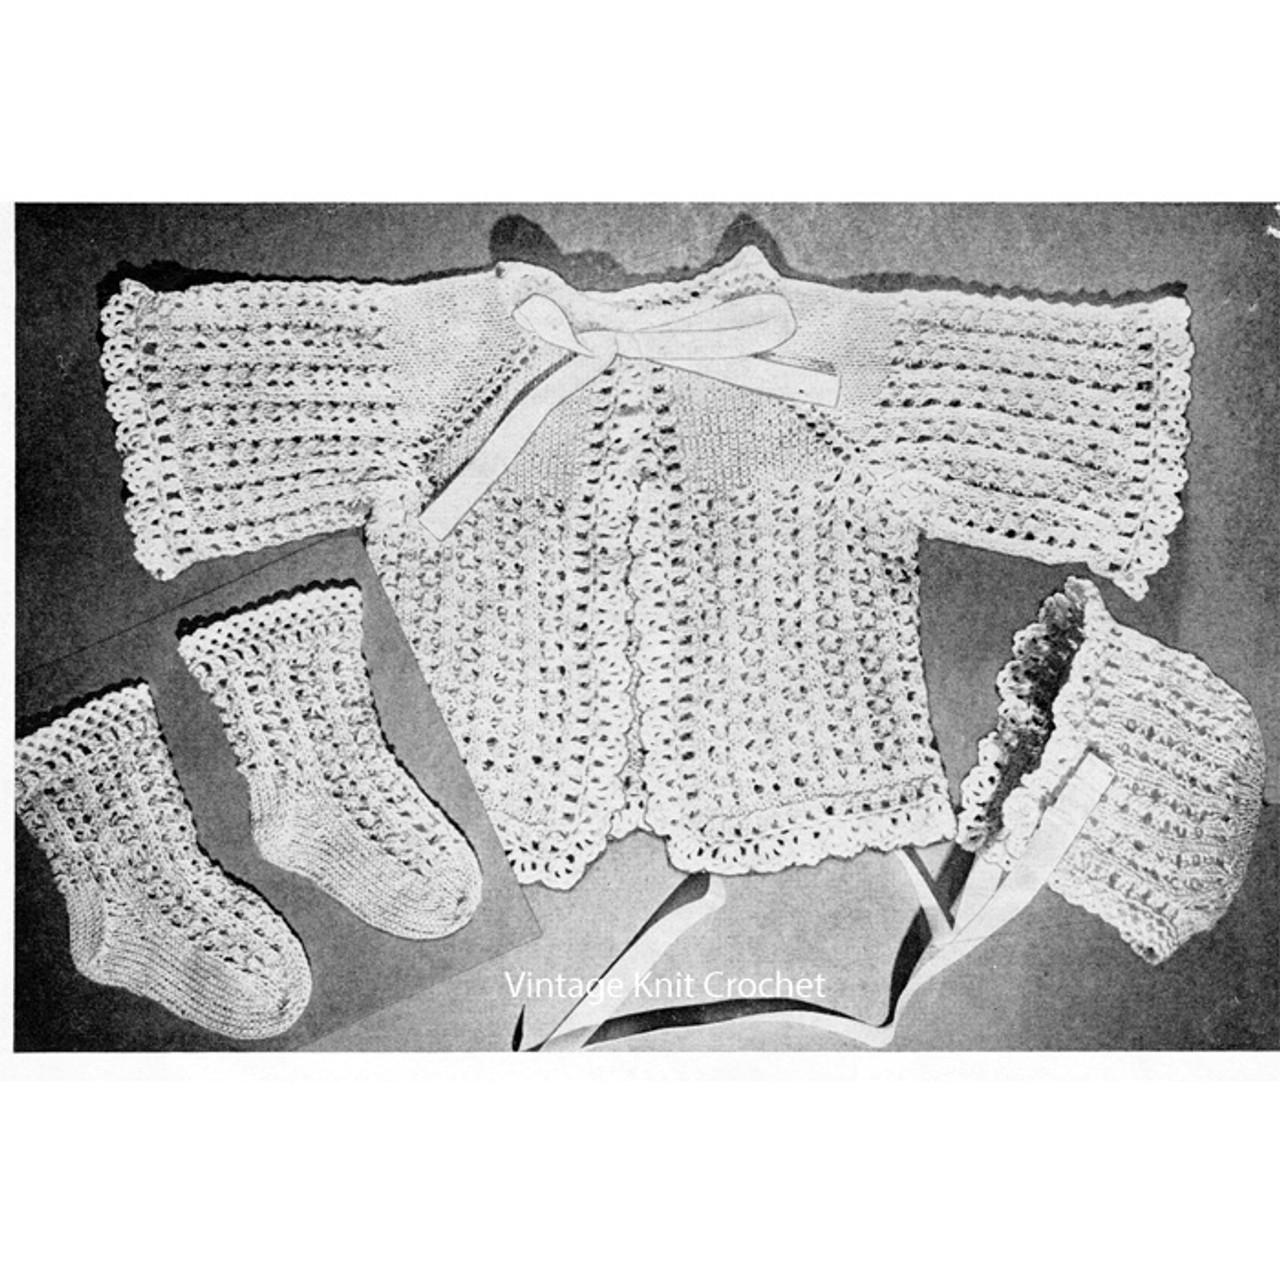 Beginners Crochet Pattern for Infant Baby Set